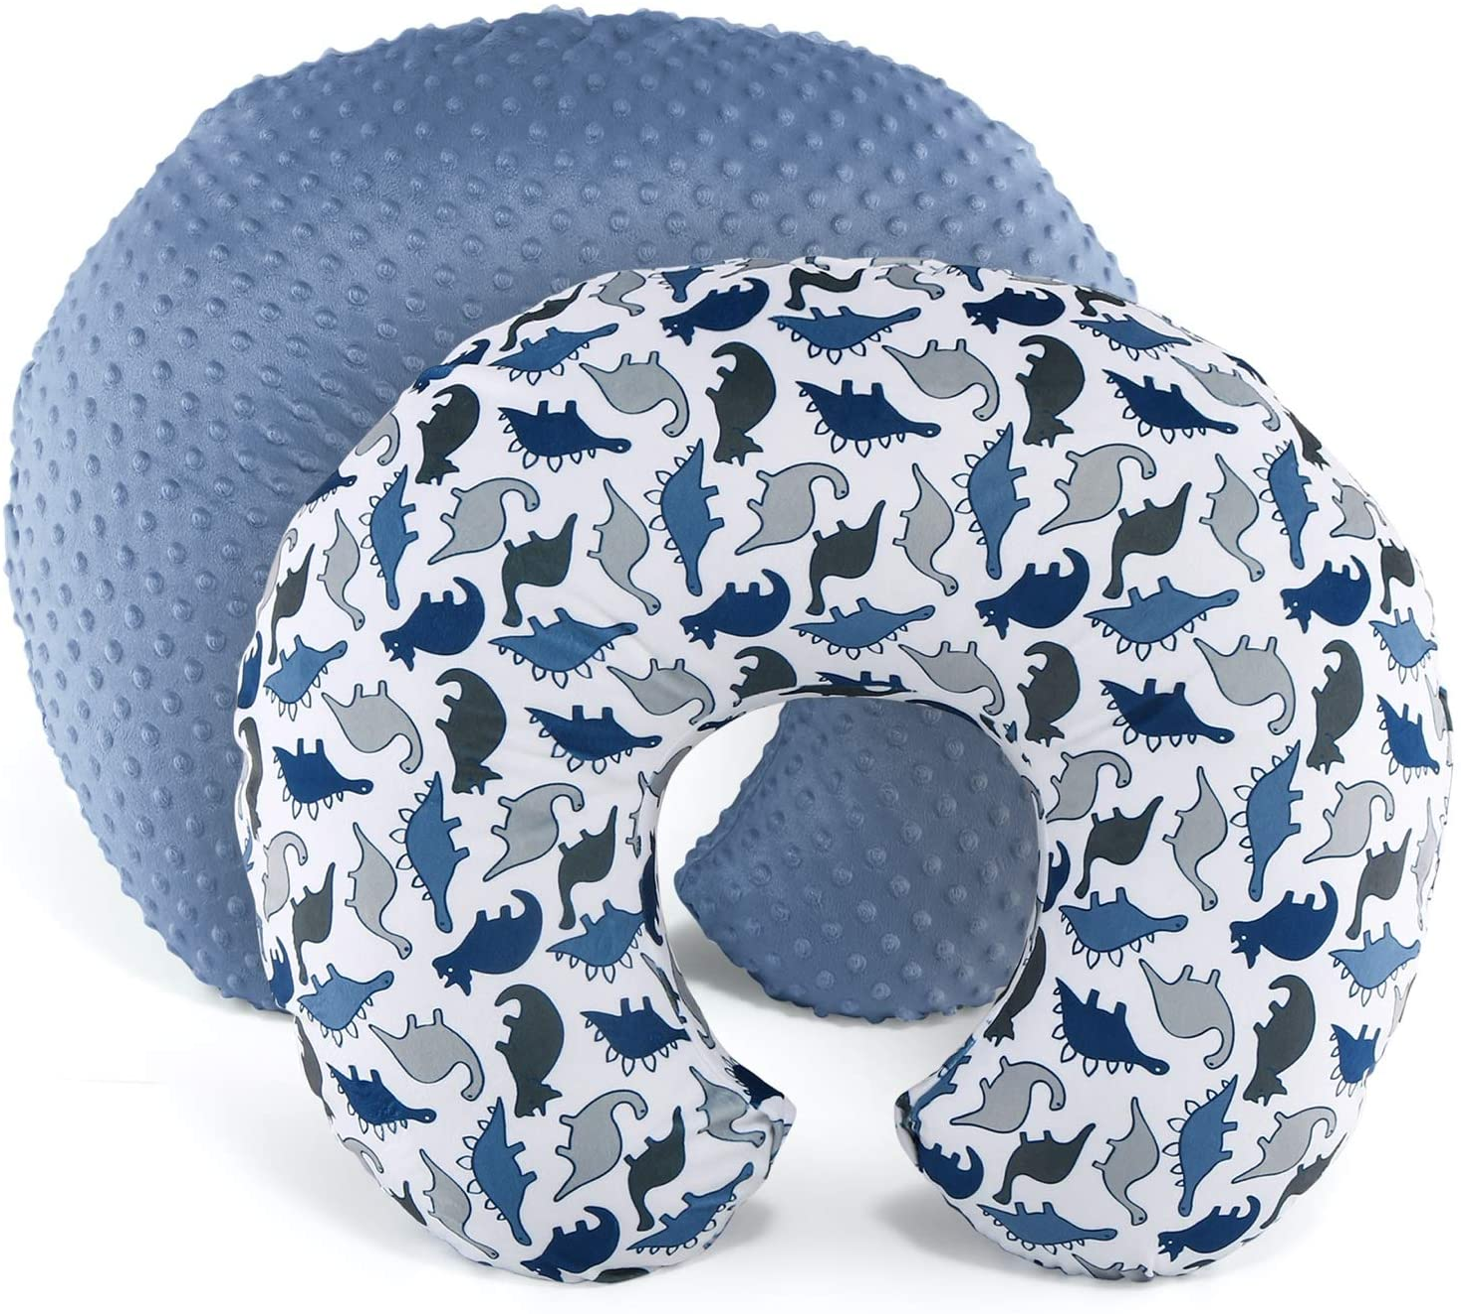 The Peanutshell Nursing Pillow Cover Set for Baby Boys or Girls   Dinosaur & Navy Blue Minky Dot   Unisex 2 Pack